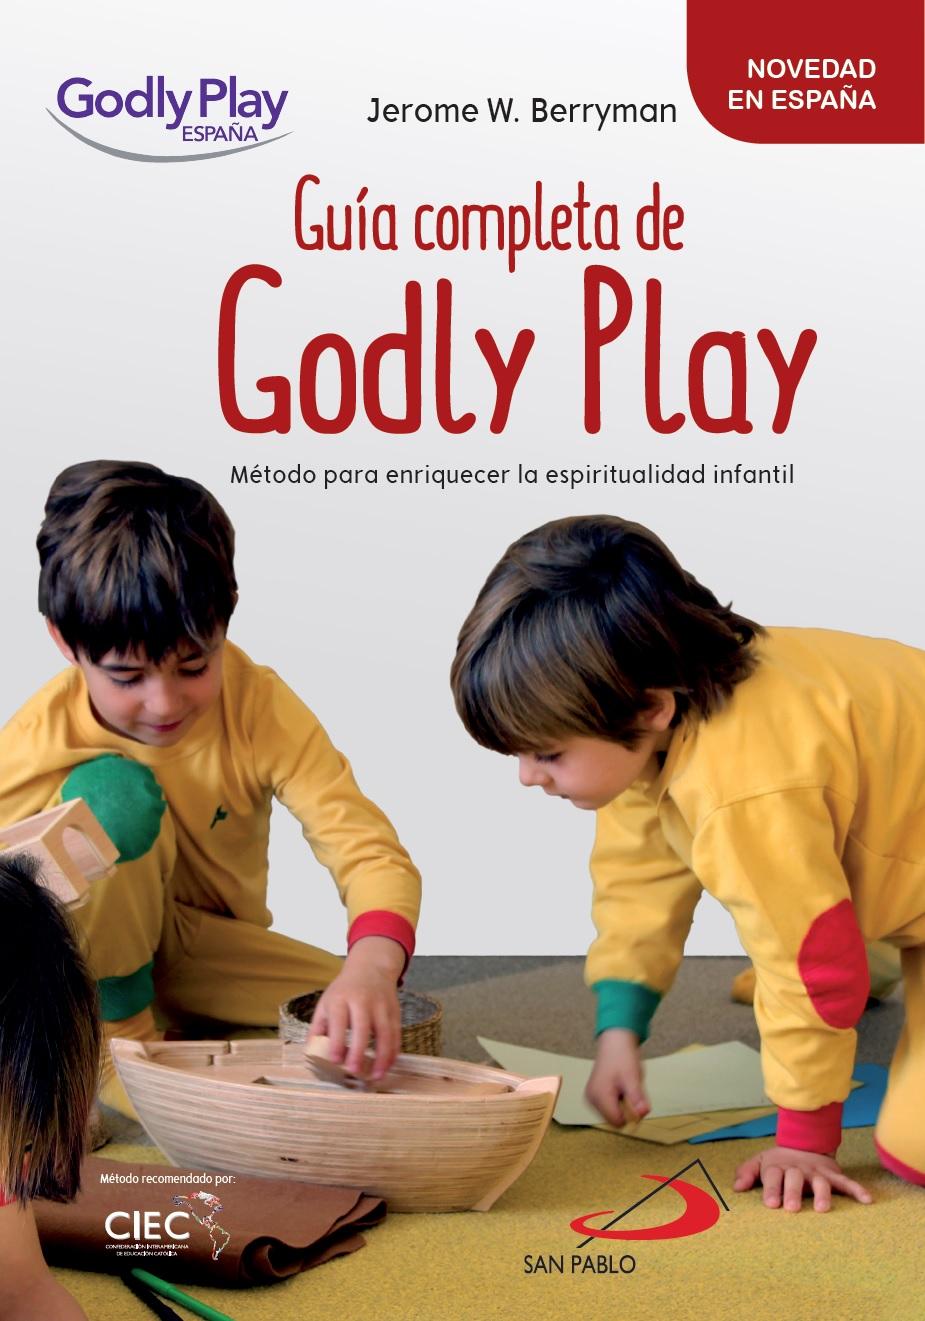 Colección Godly Play de la editorial San Pablo